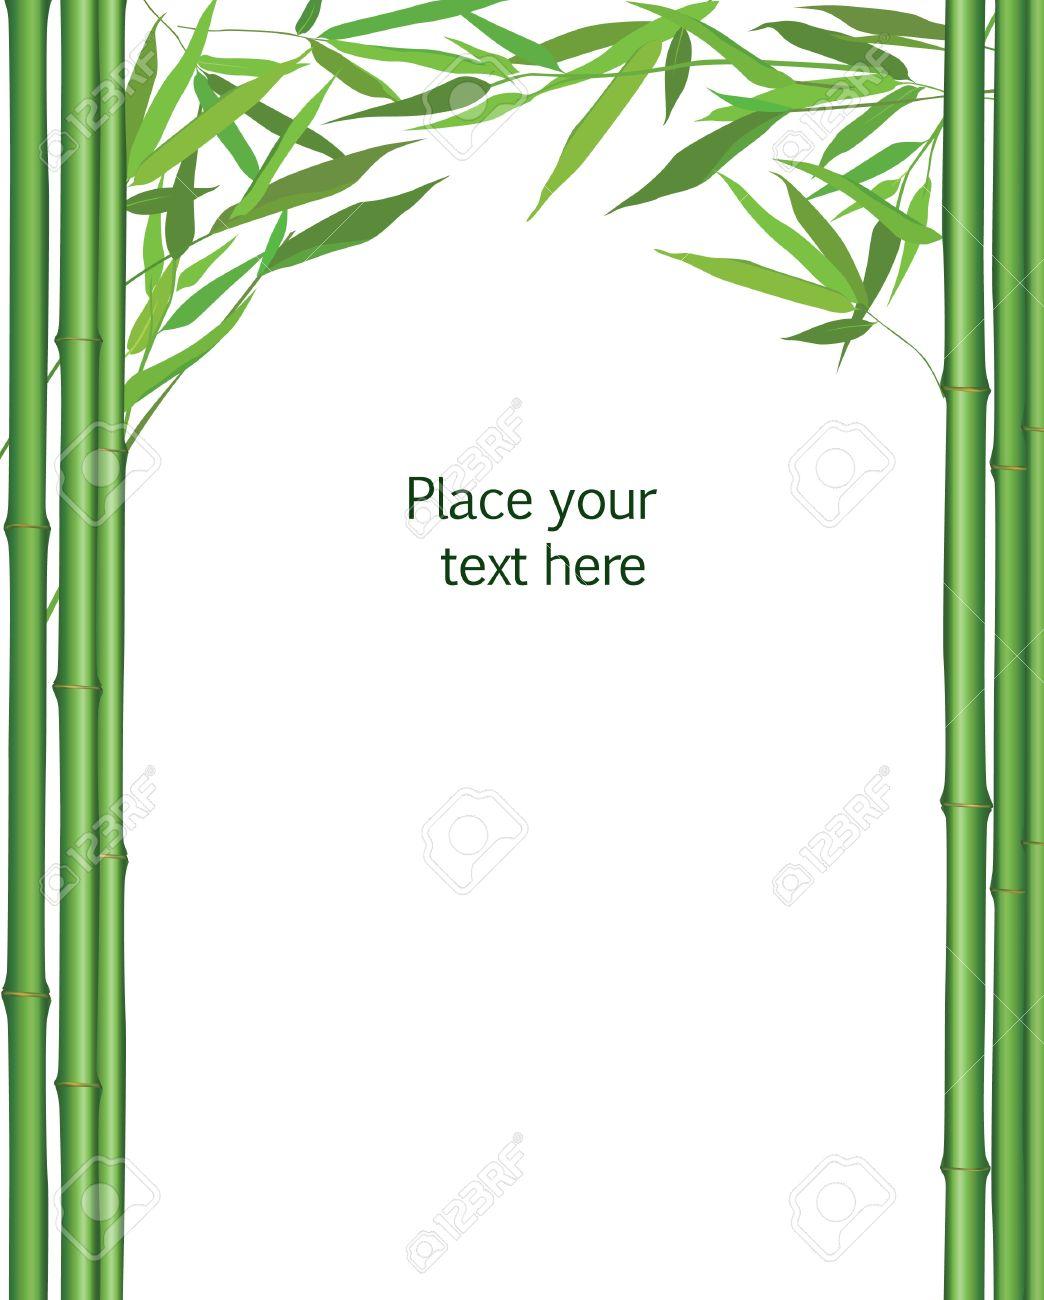 Bambus-Rahmen Mit Blättern Dekor Vektor-Illustration Isoliert Auf ...